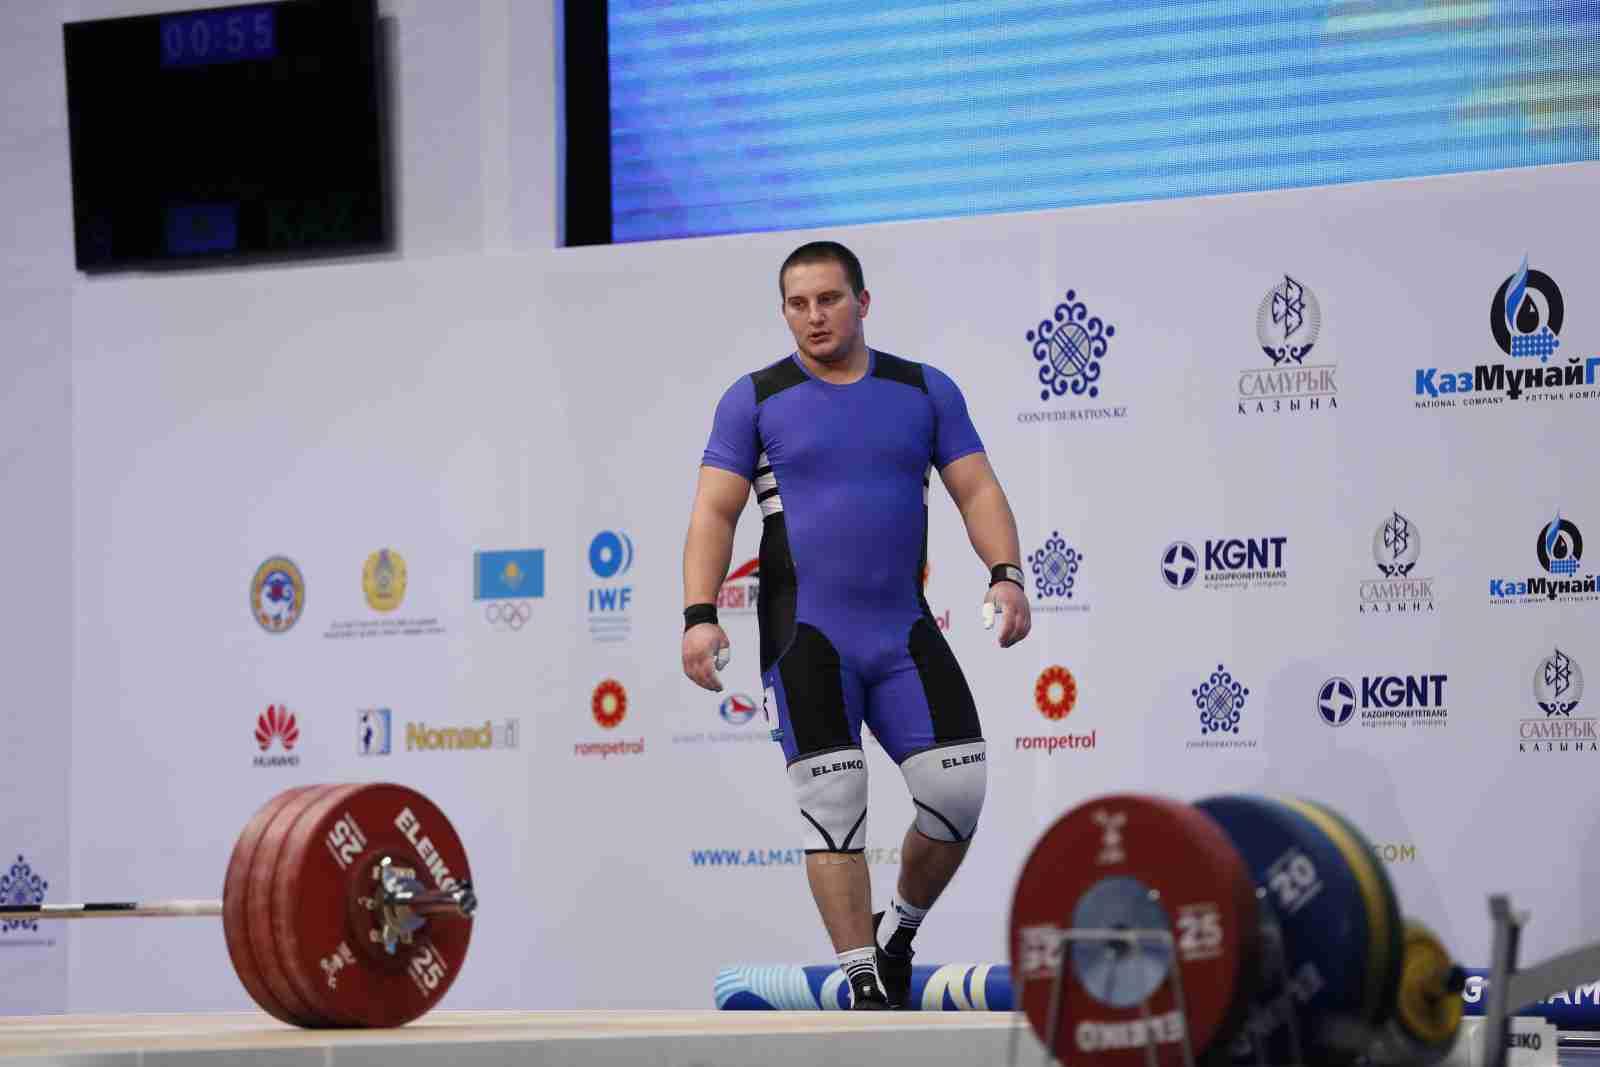 Международный Кубок по тяжелой атлетике: казах занял шестое место